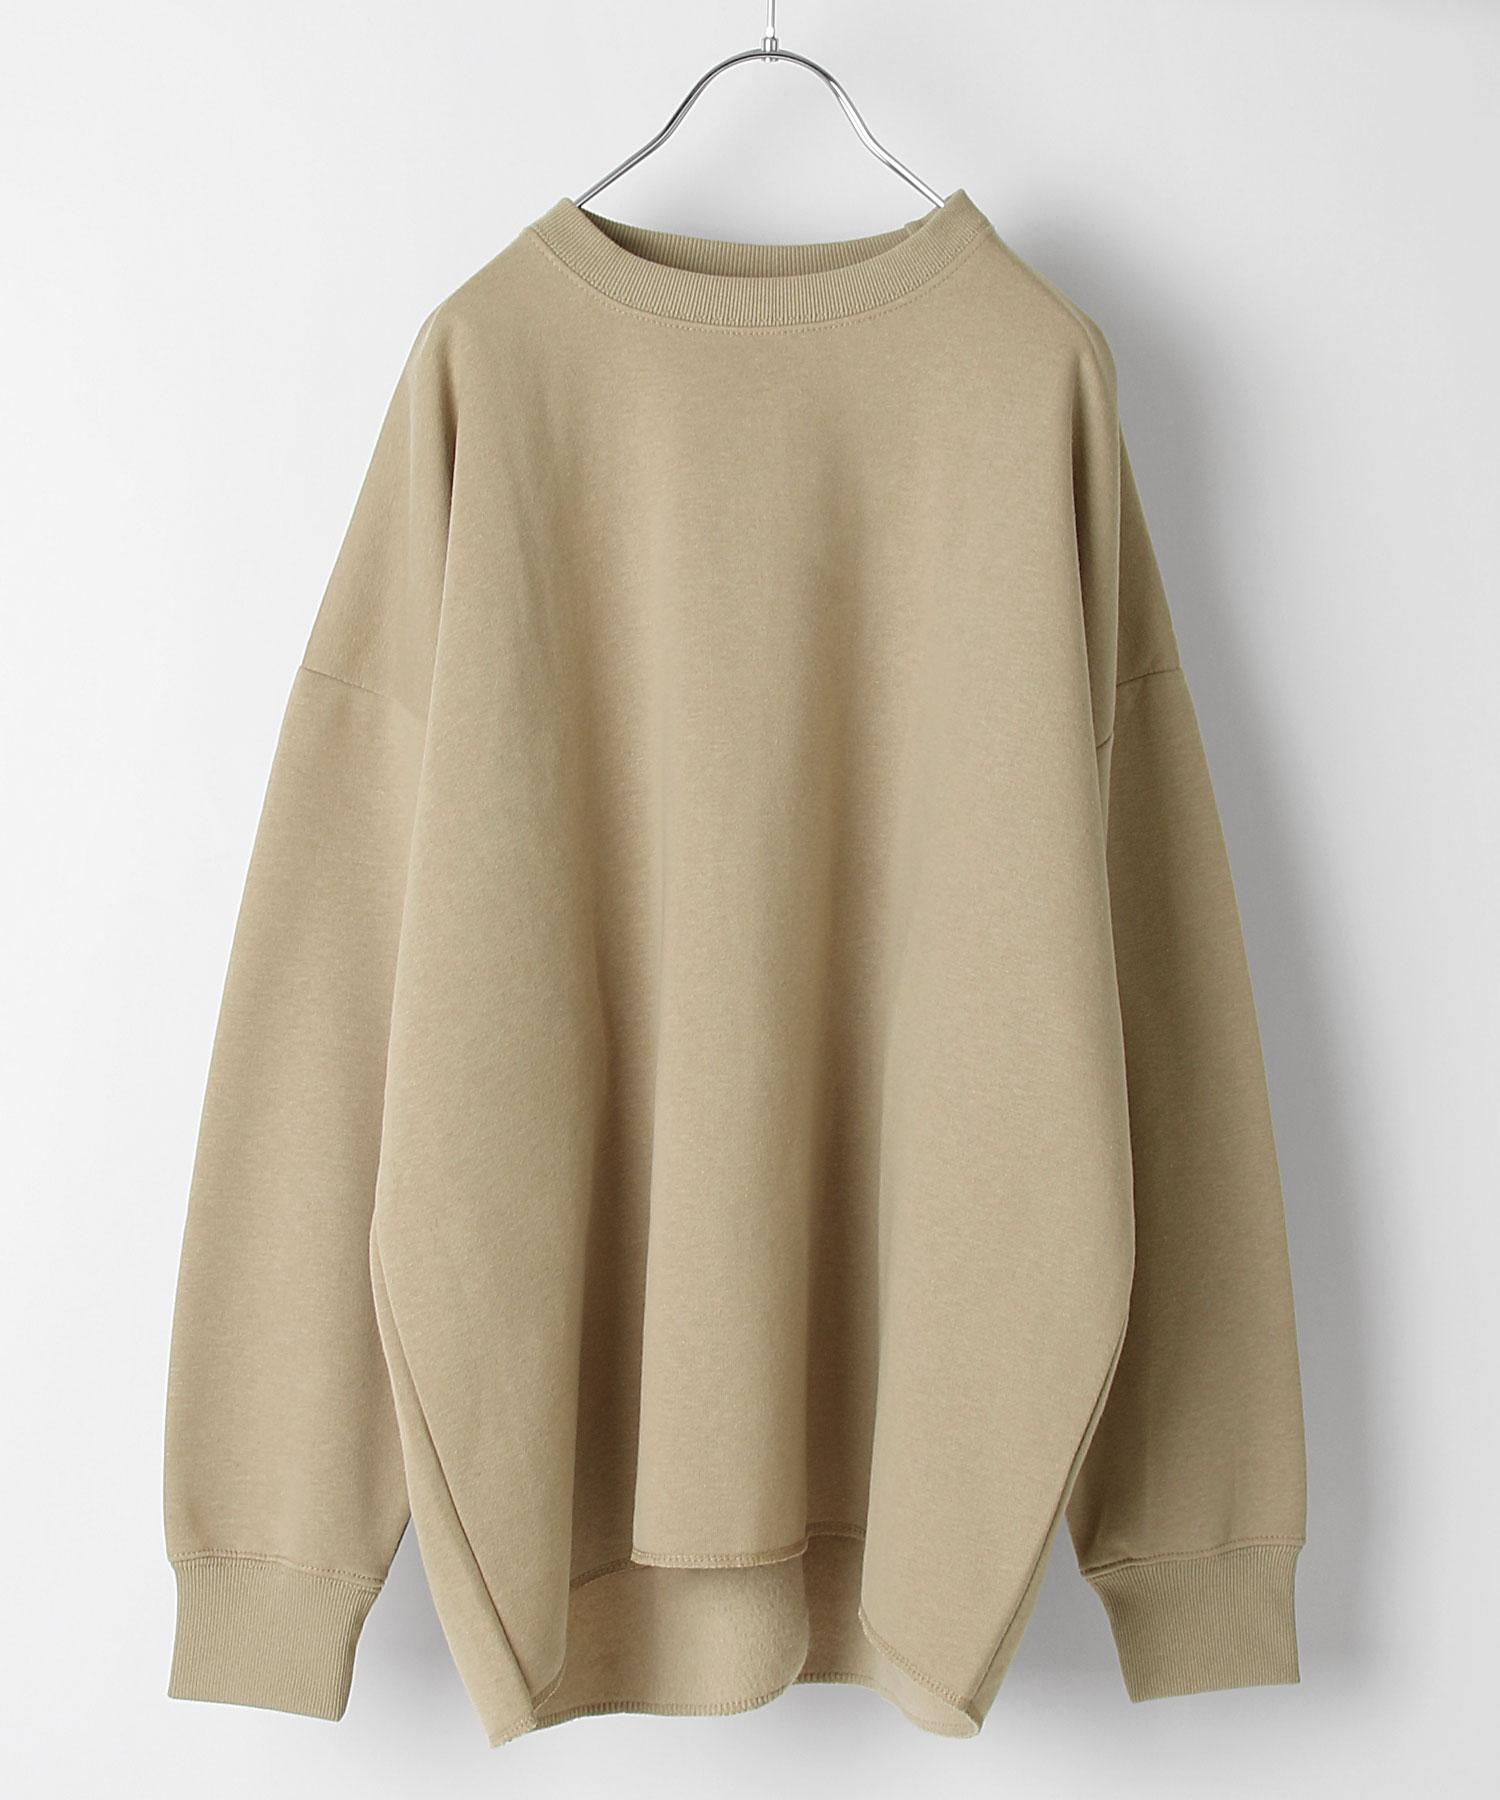 【Chillfar】內刷毛後衣襬開岔運動衫 寬版 OVERSIZE 7